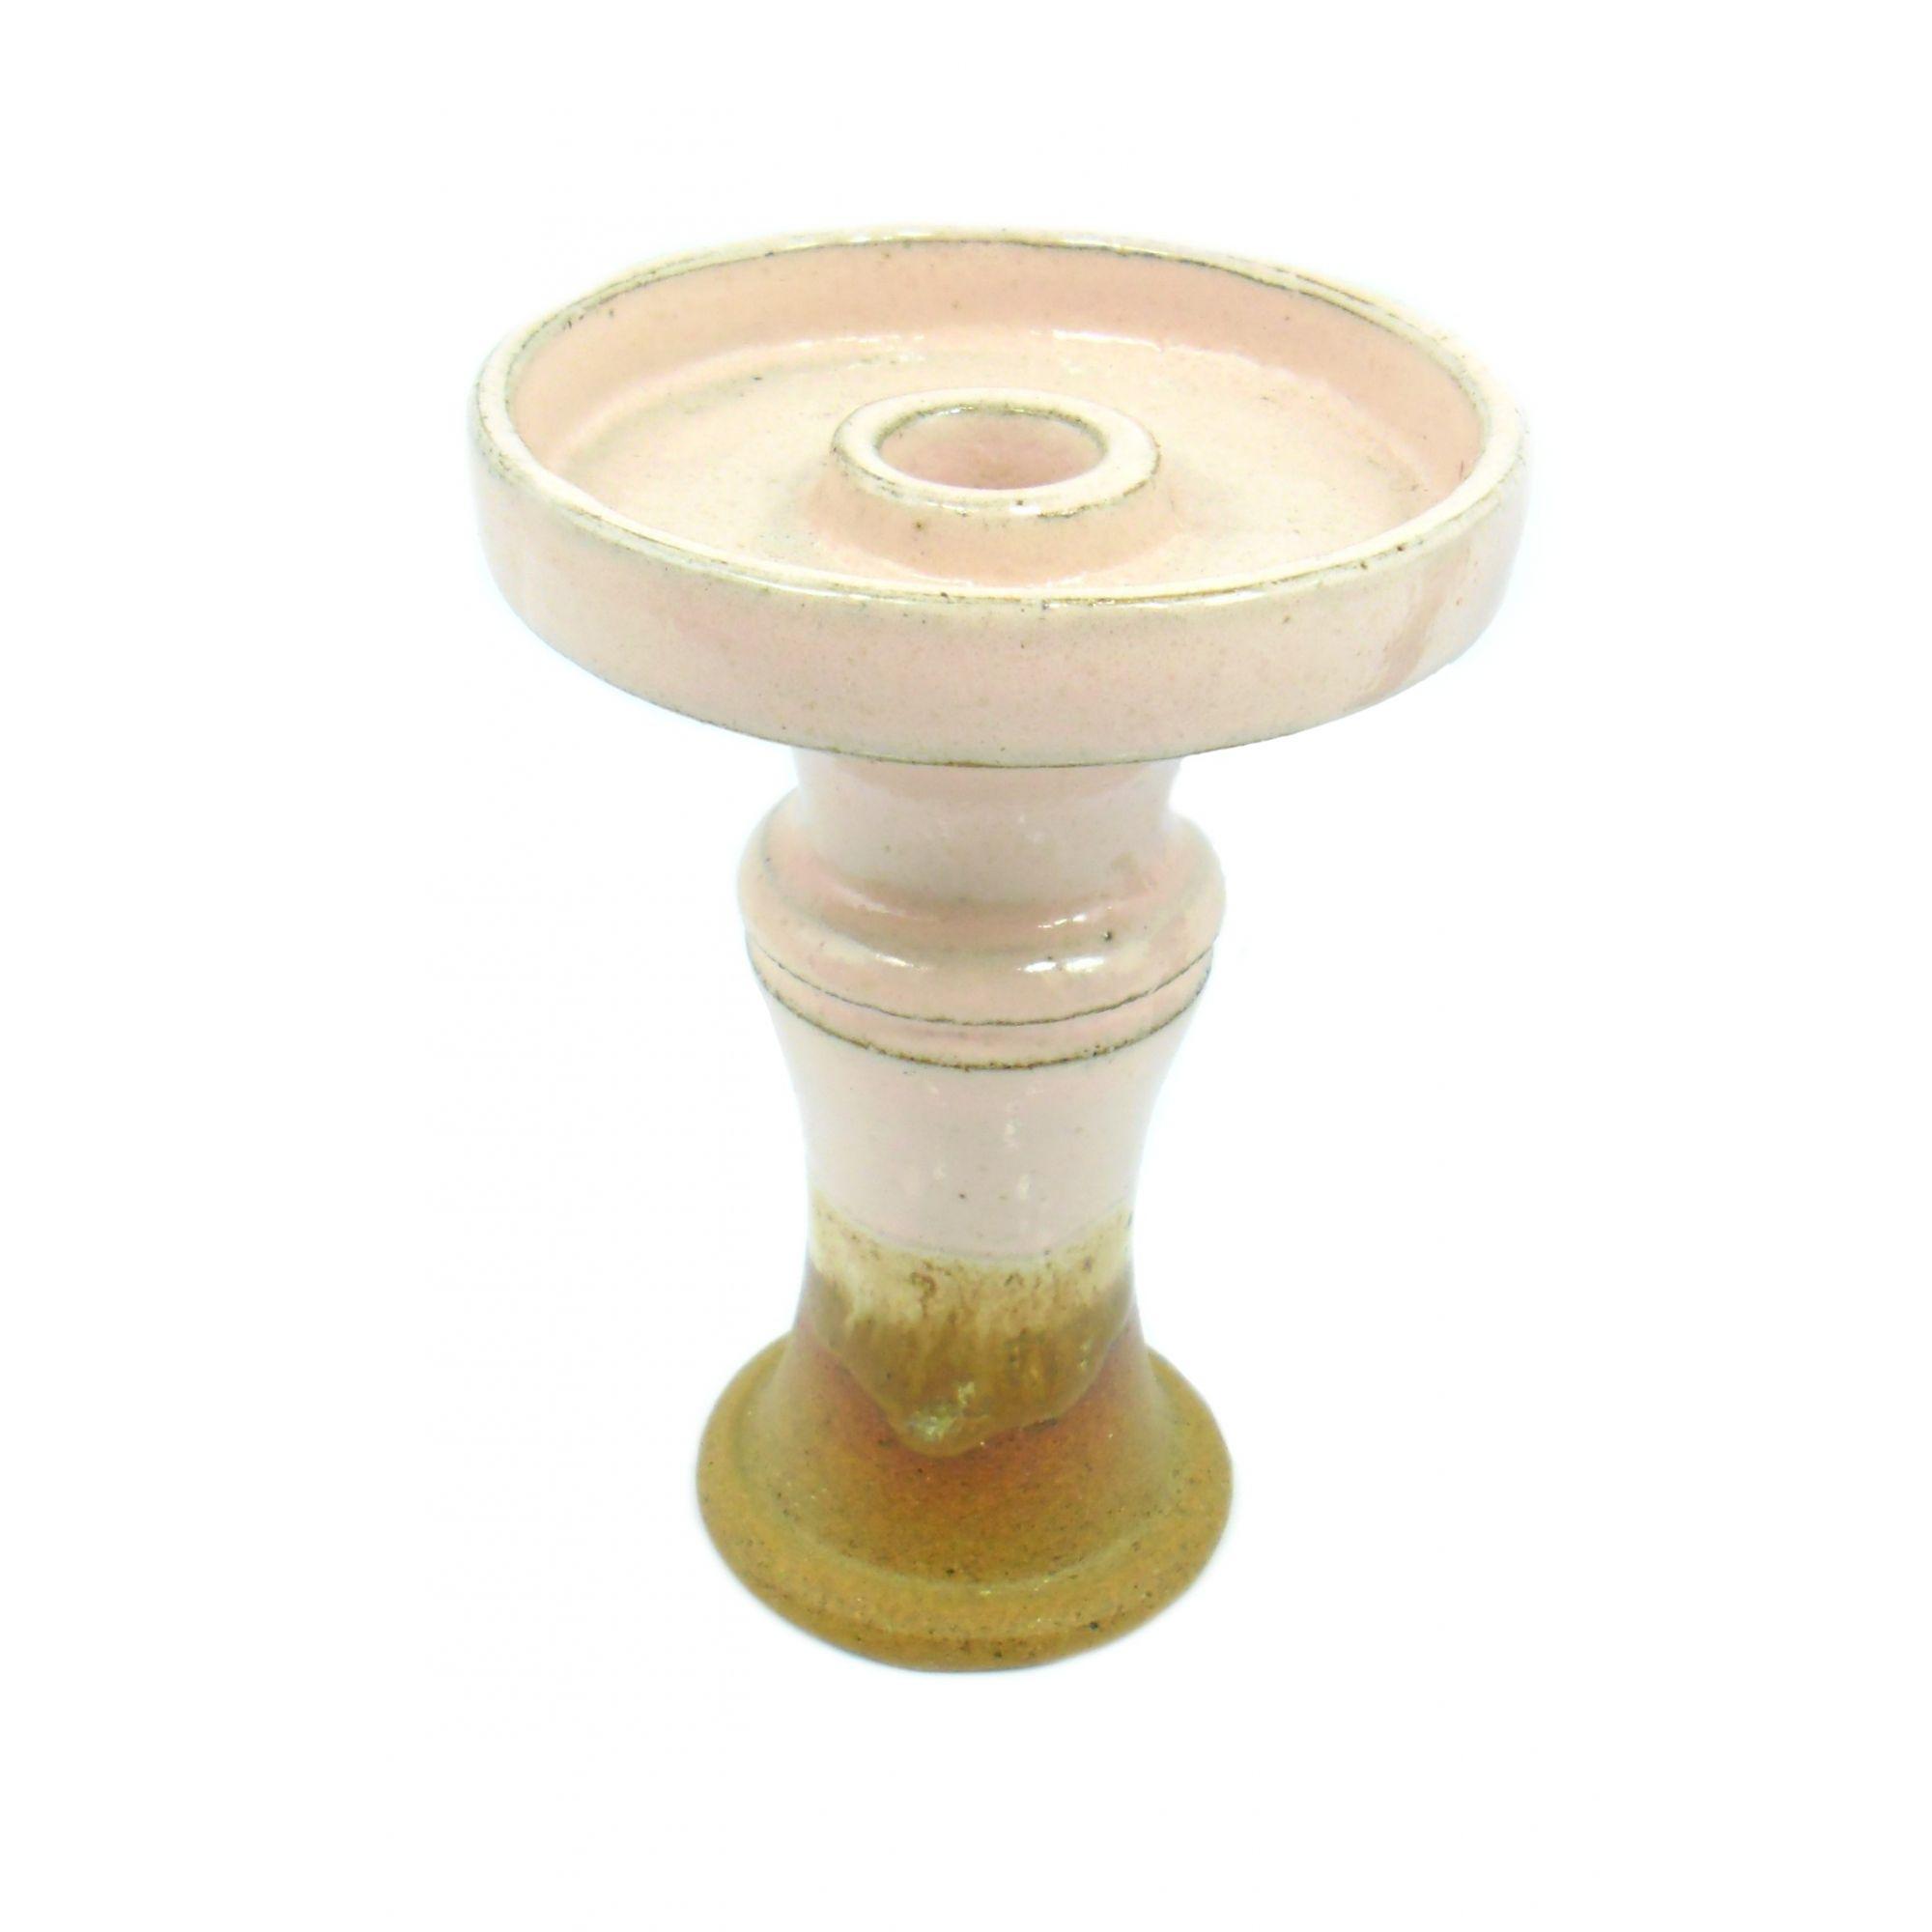 Fornilho/Rosh para narguile Mahalla Invoke (funil) encaixe fêmea, refratário, pintura artística 10,5cm